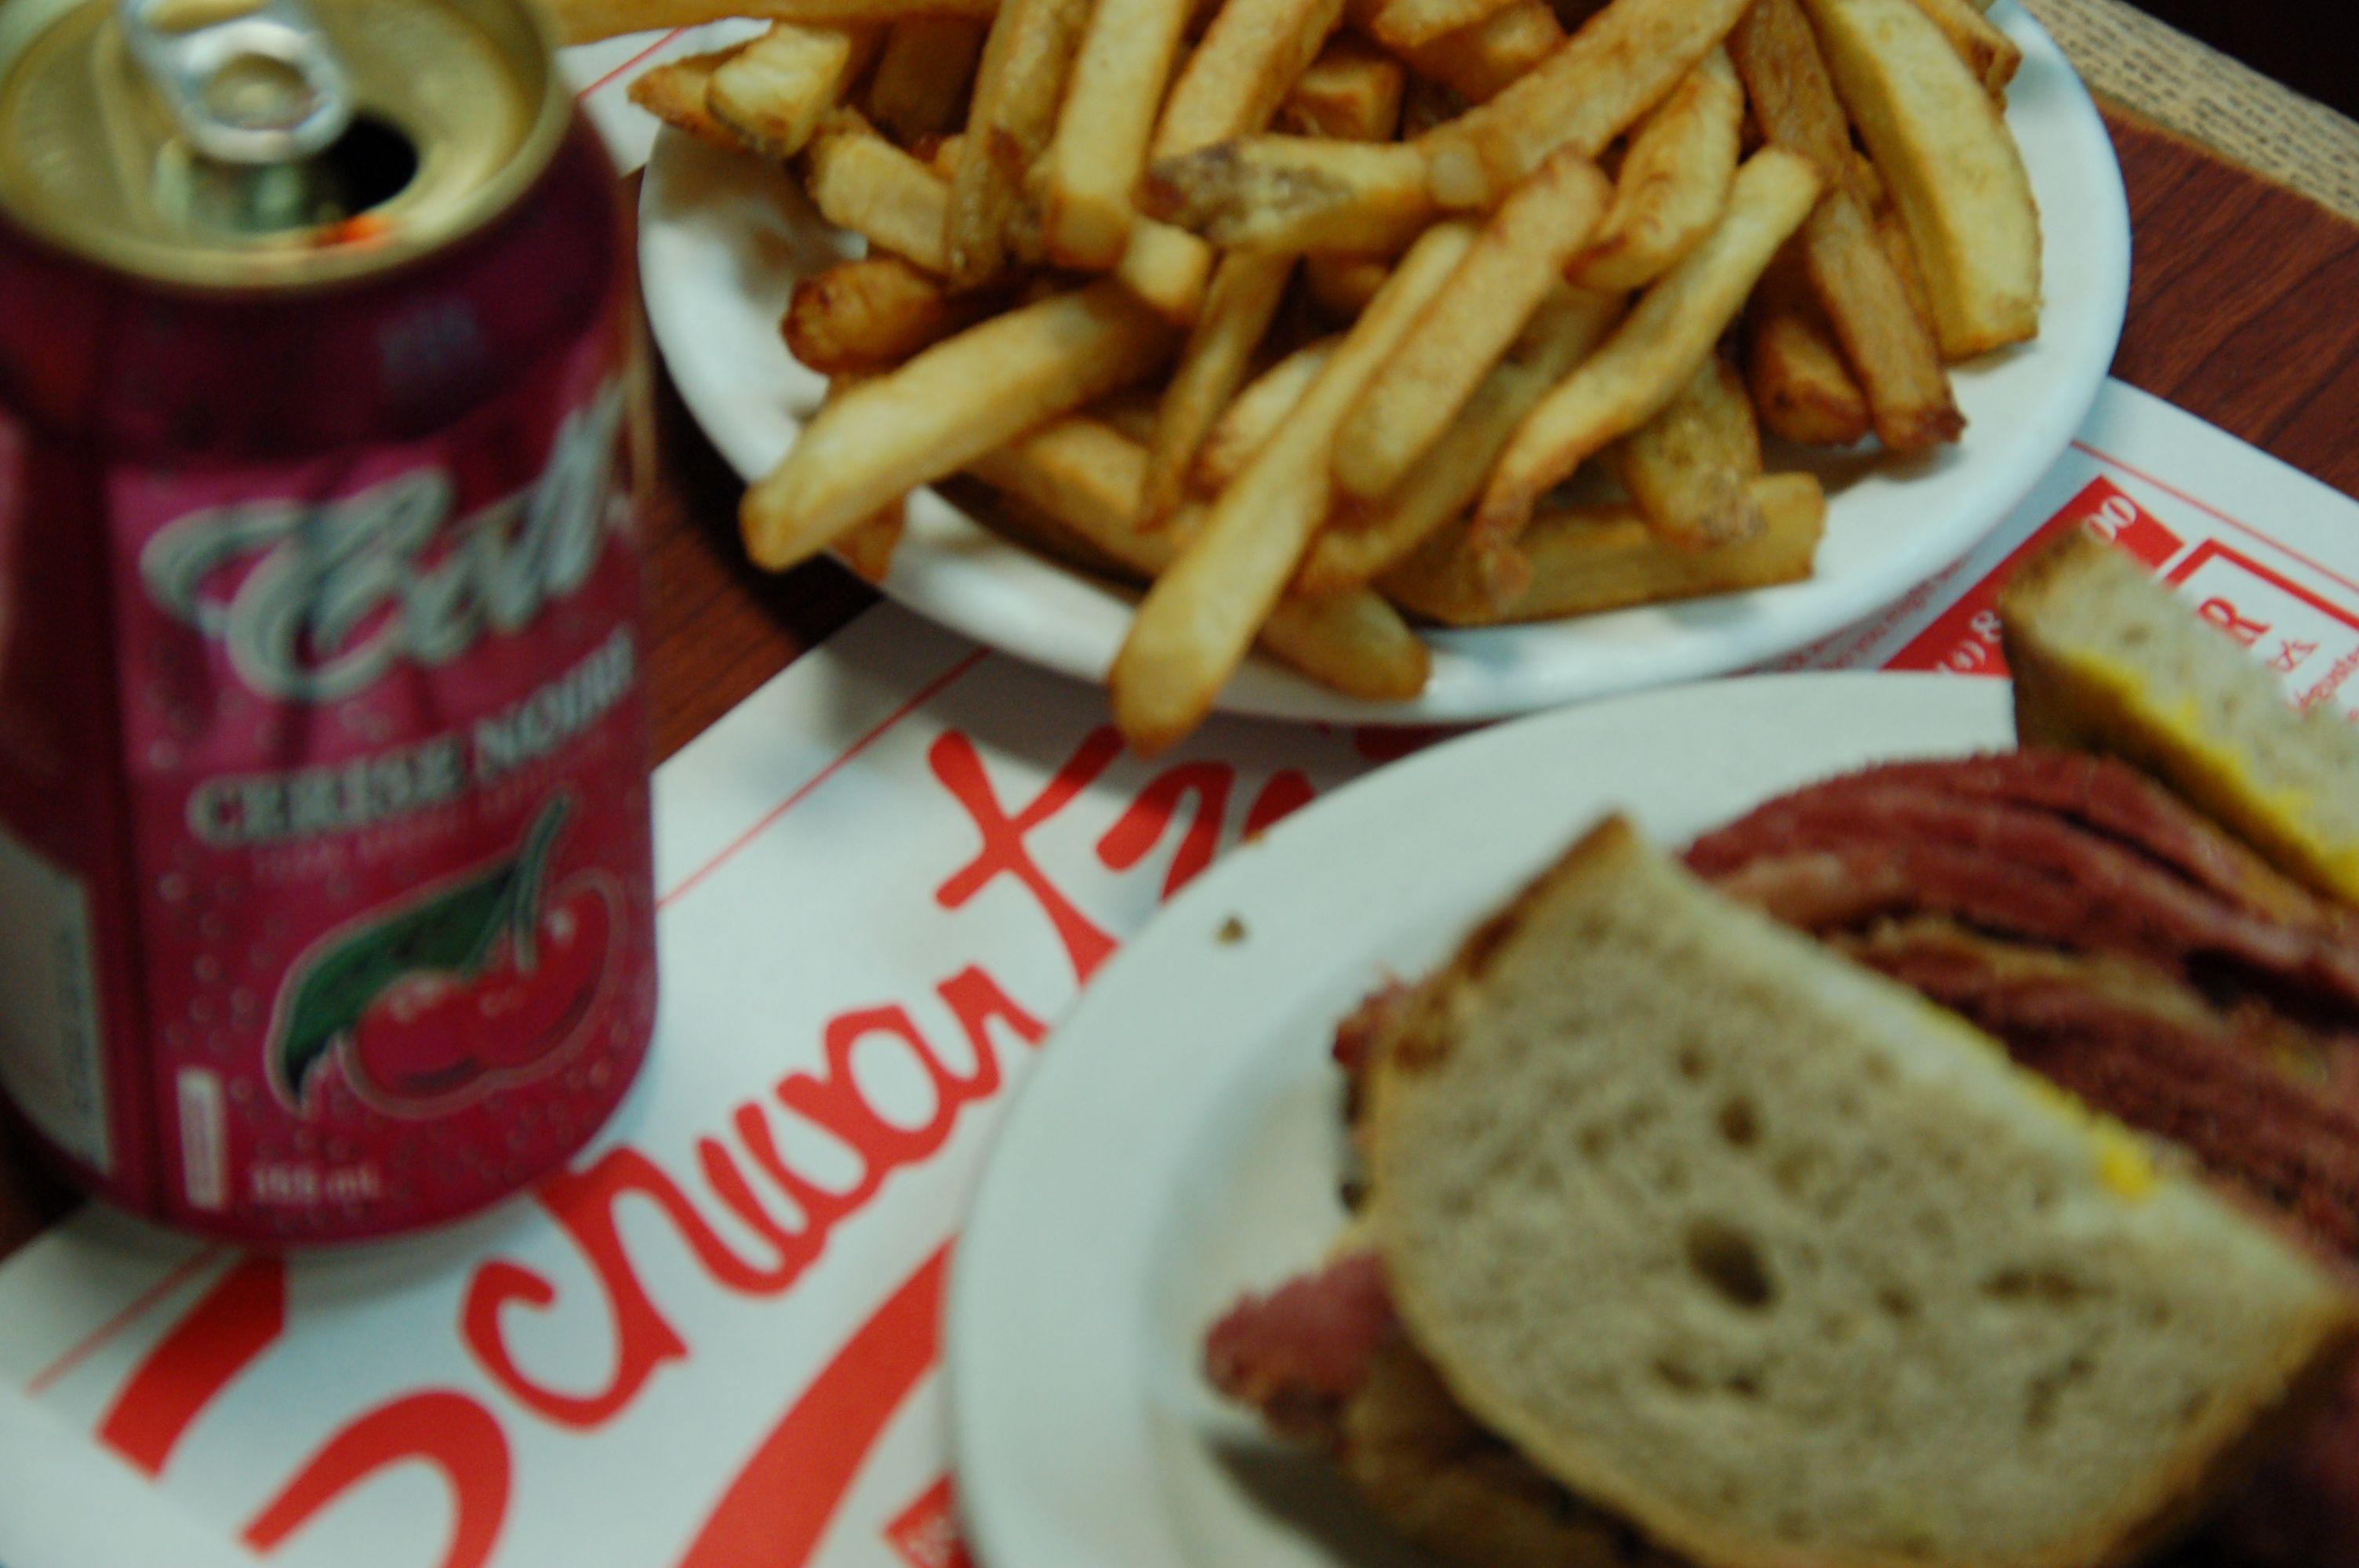 Nur die Kirschcola verhindet eine perfekte Mahlzeit